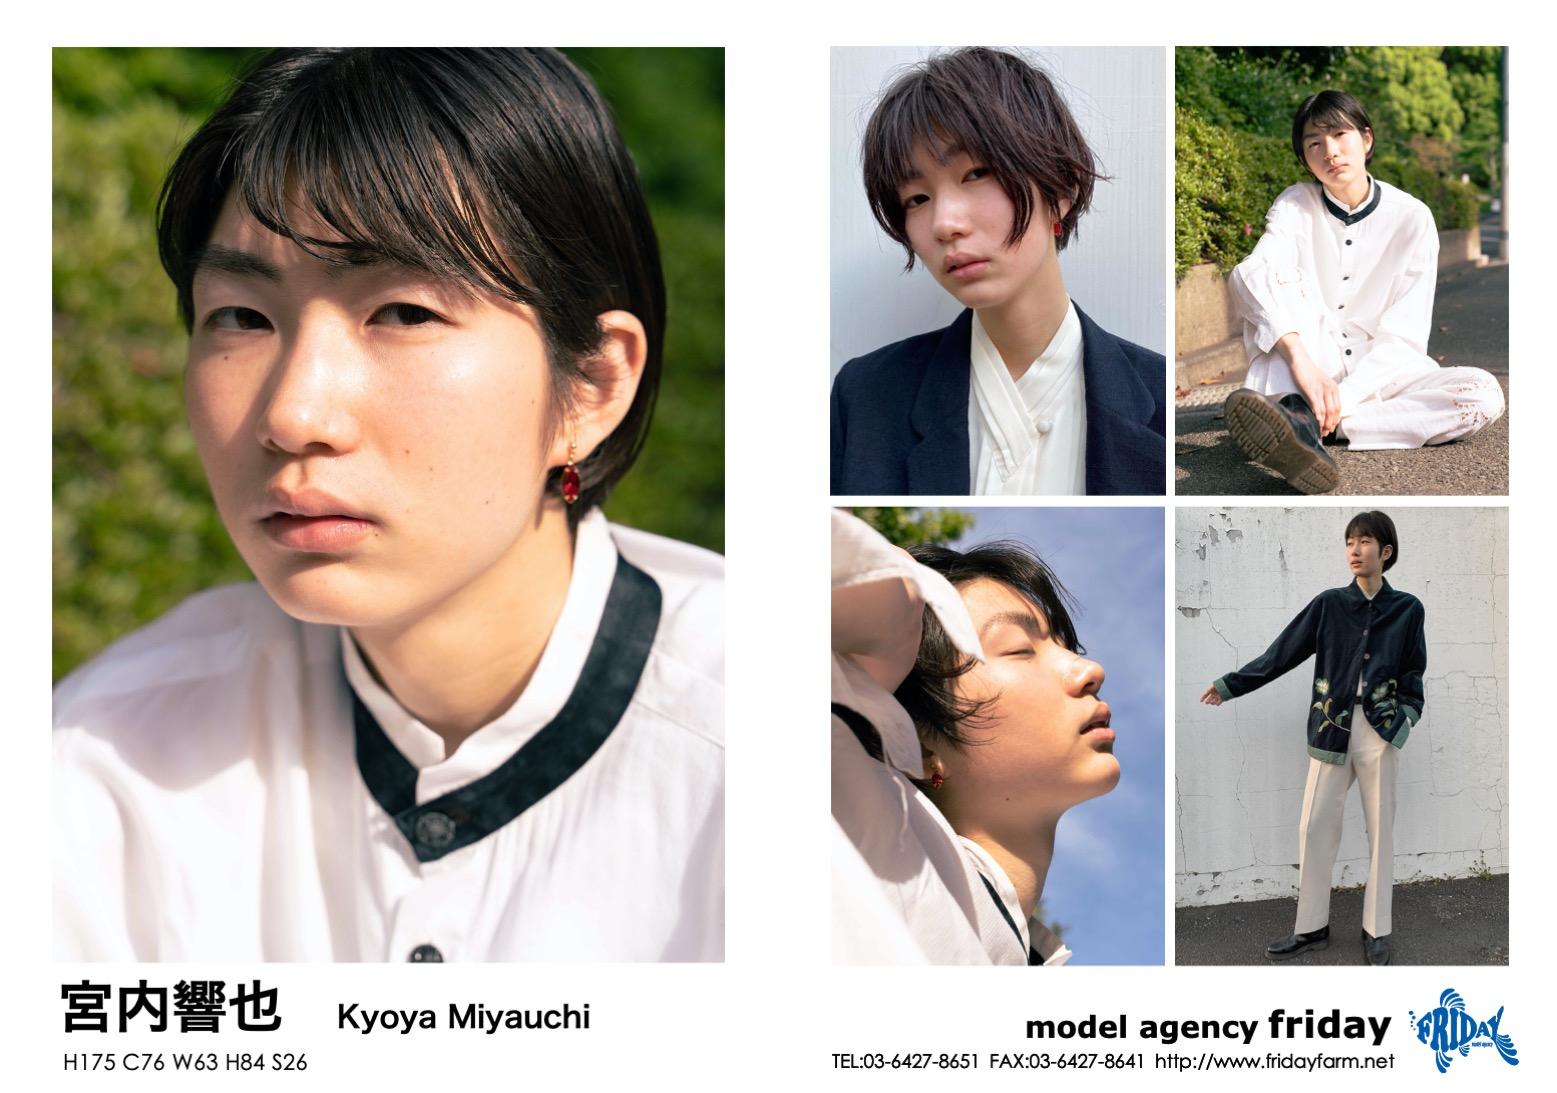 宮内響也 - Kyoya Miyauchi | model agency friday